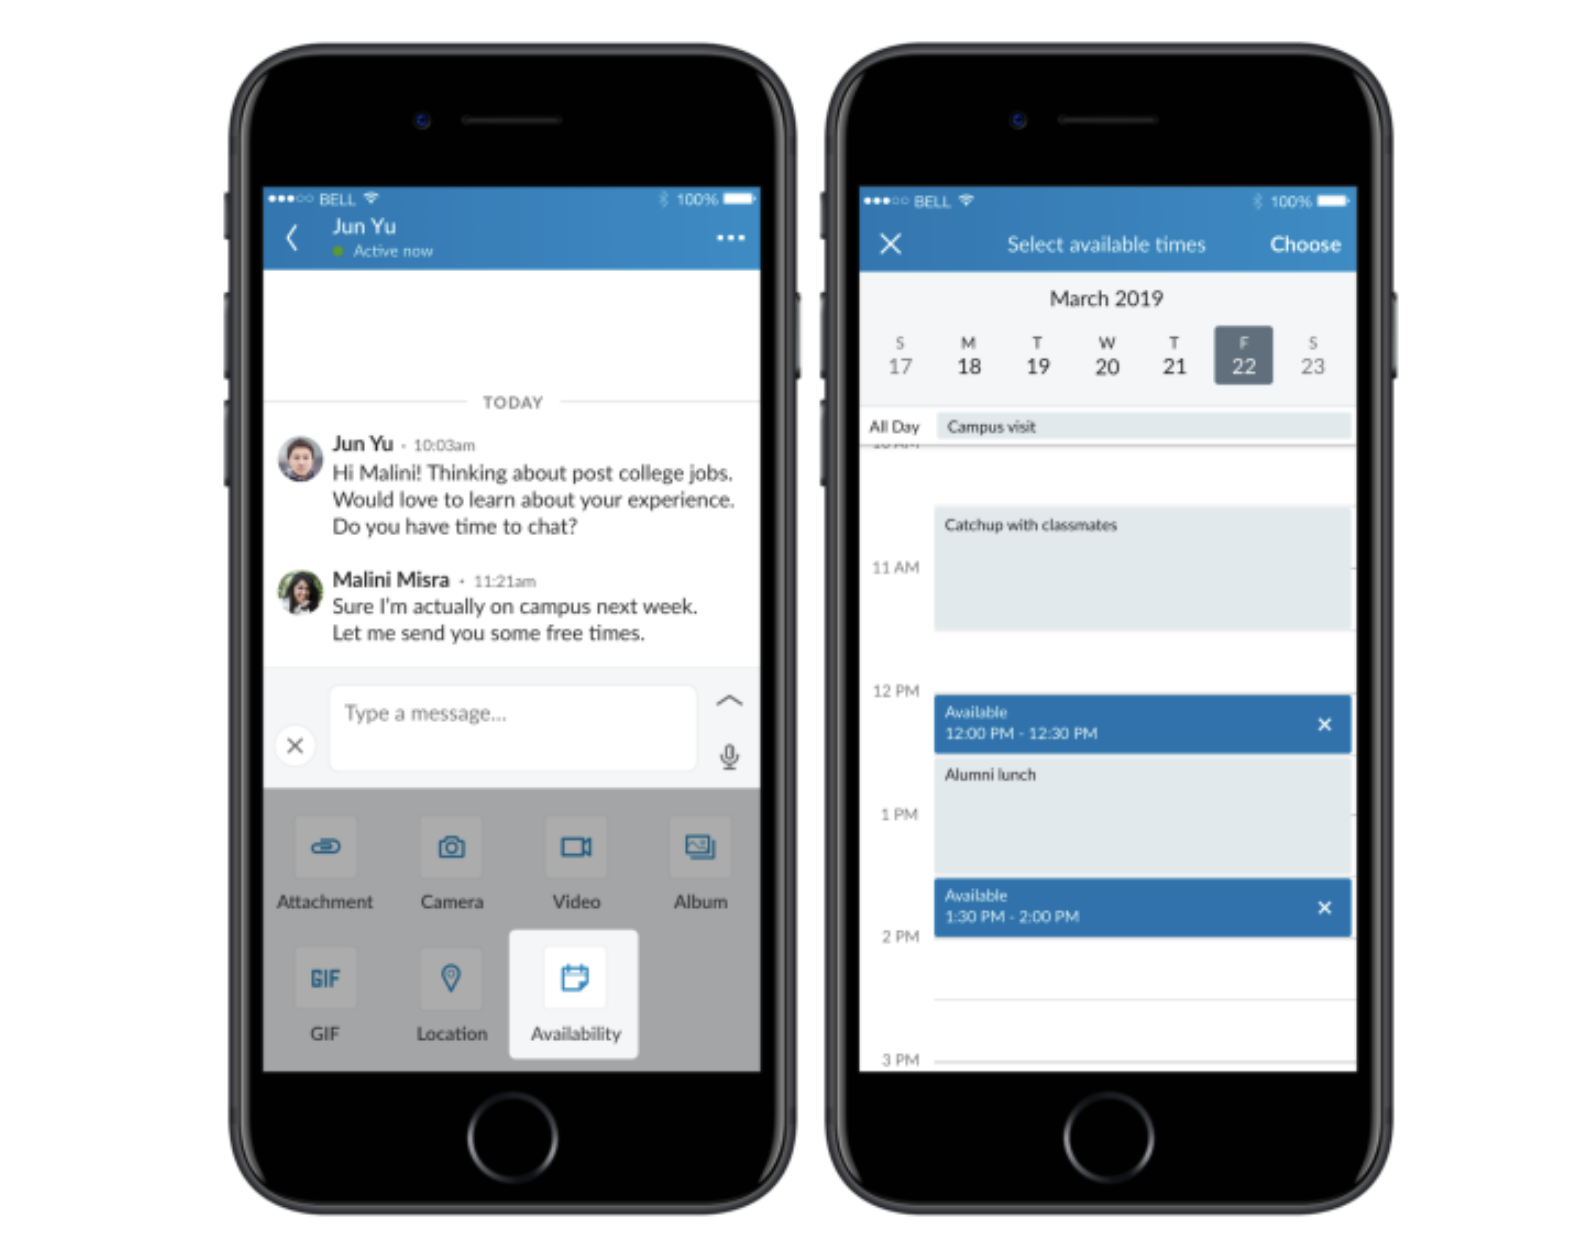 Vous pouvez désormais programmer des rendez-vous sur LinkedIn